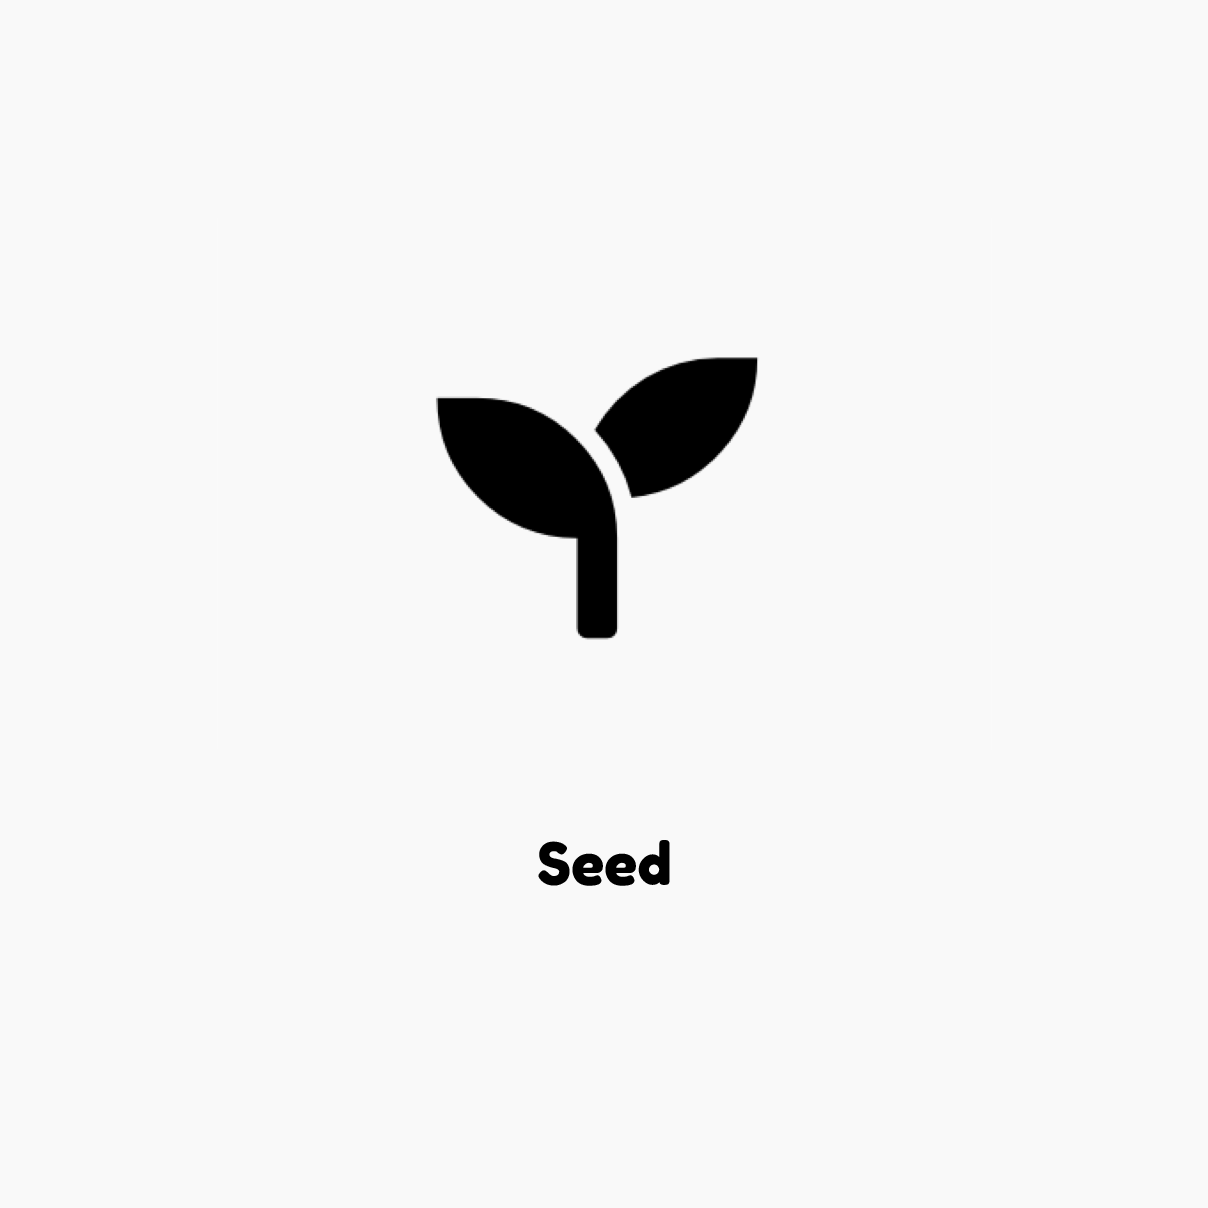 Type de financement : Seed